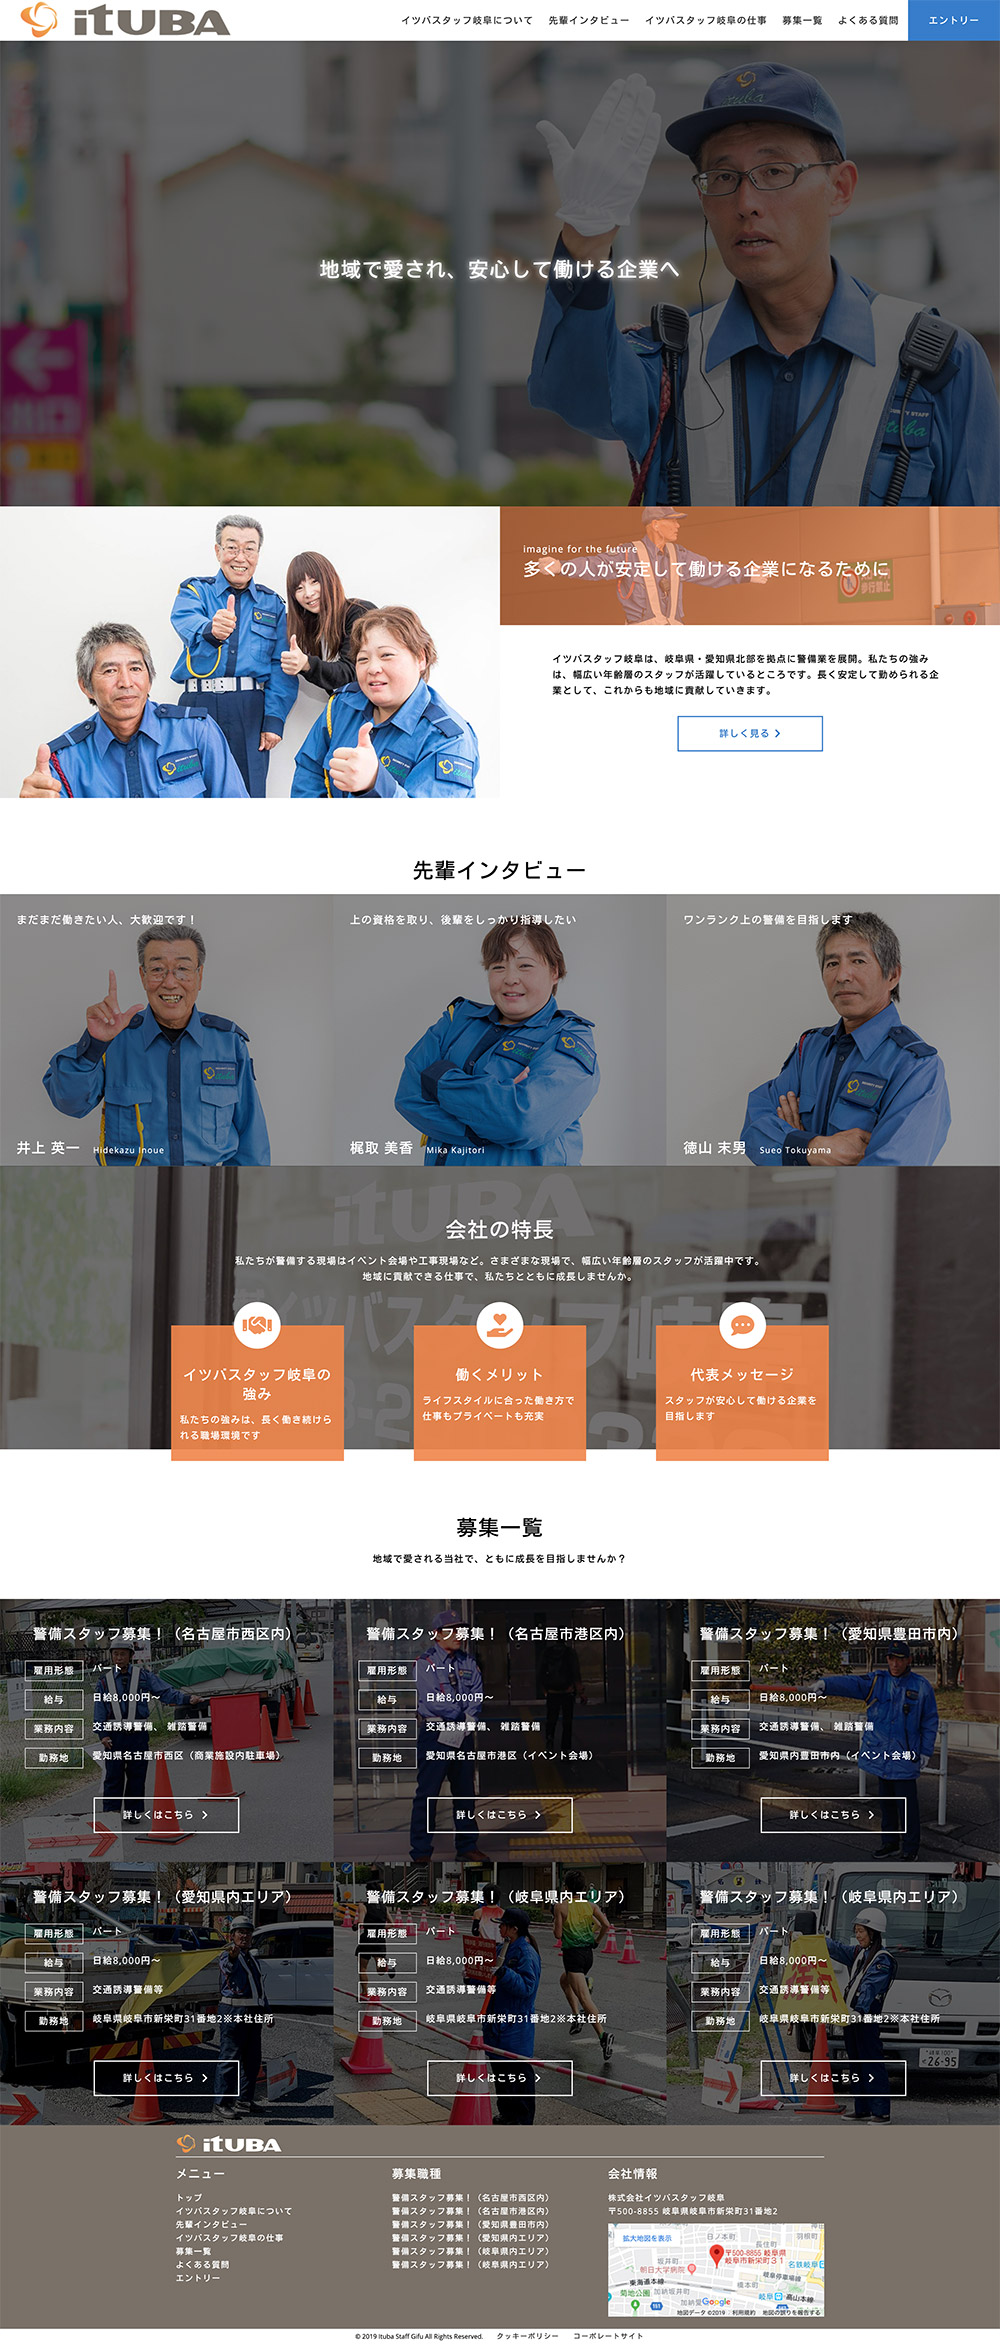 株式会社イツバスタッフ岐阜